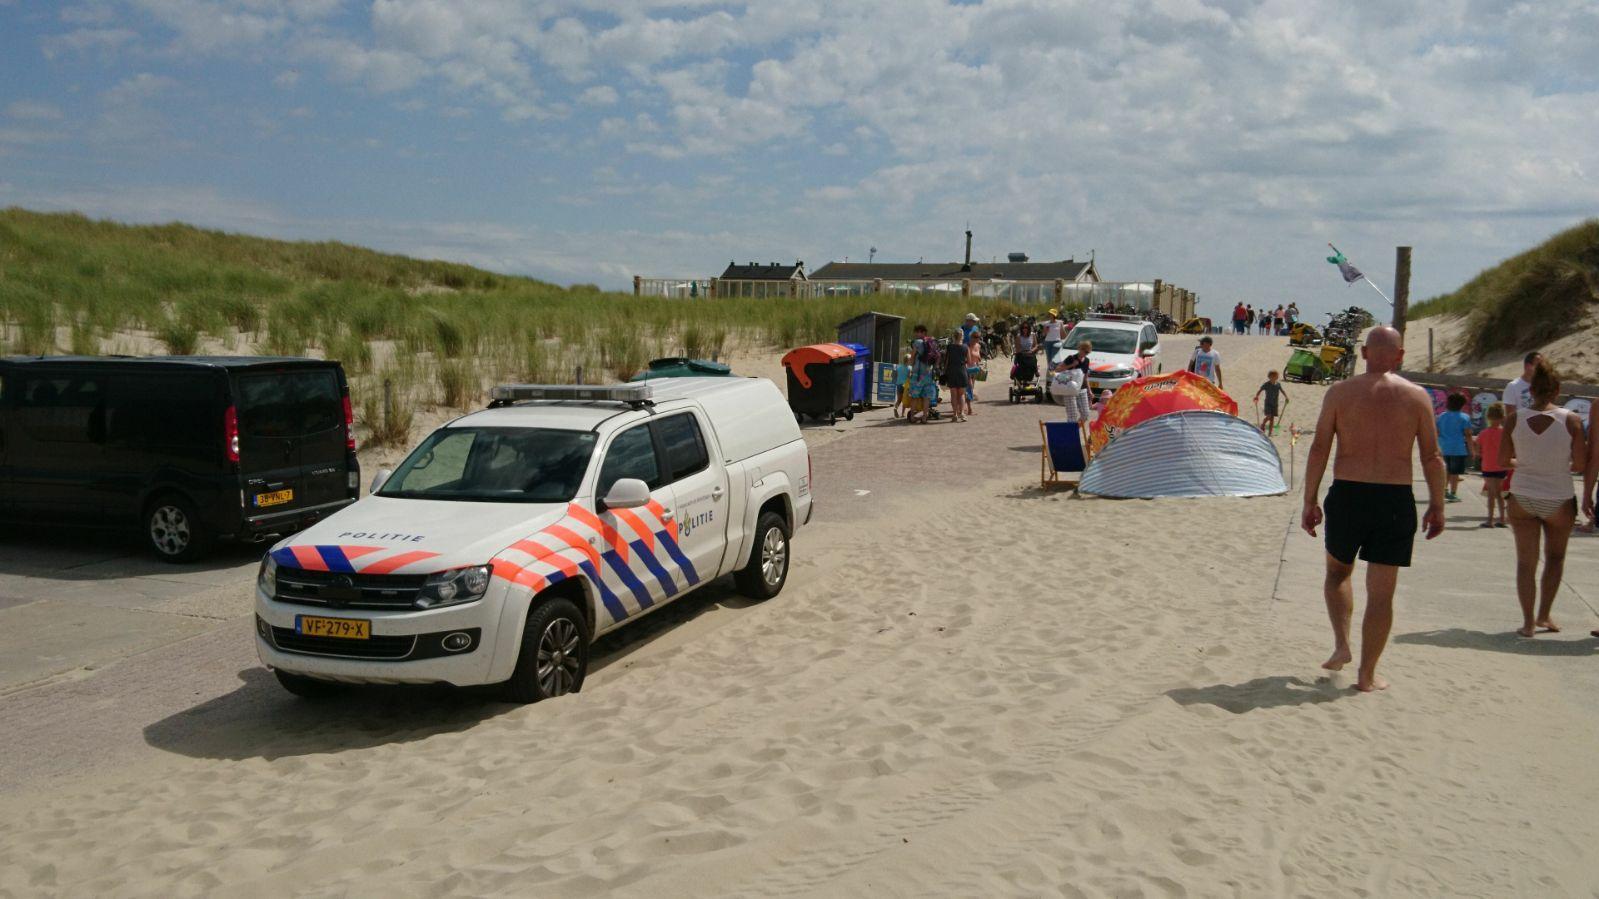 Grote zoekactie op Texel om vermist jongetje [update]